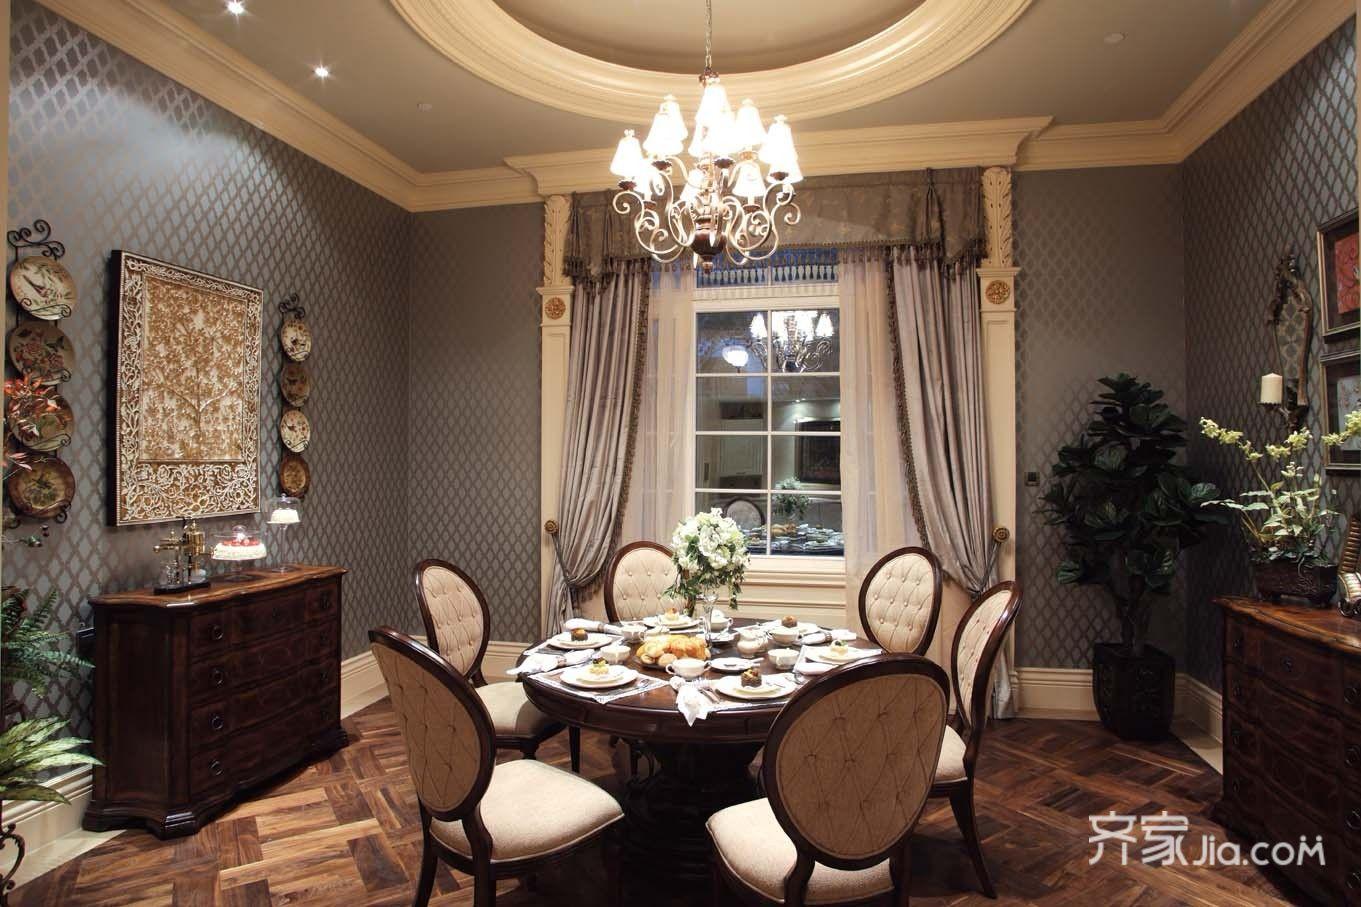 美式豪华别墅装修餐厅设计图